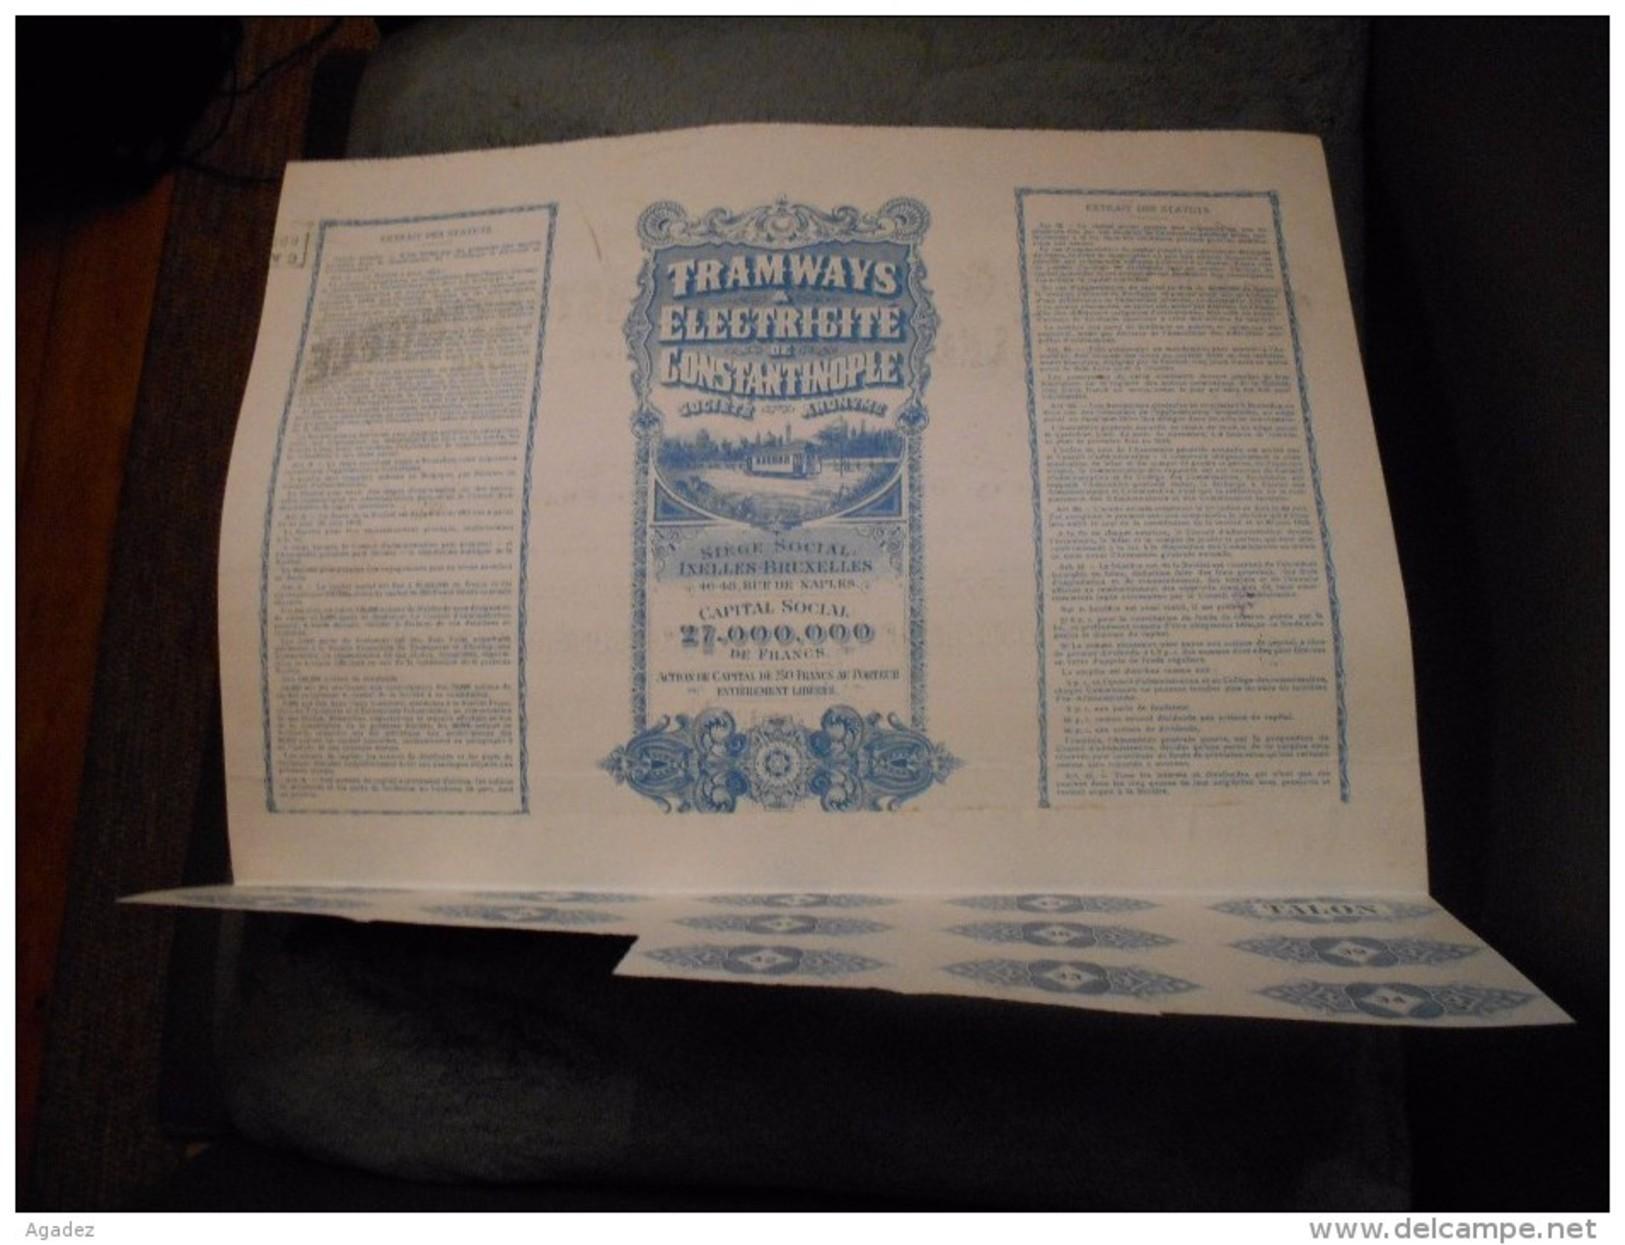 """Action De Capita L"""" Tramways Et Electricité De Constantinople """"  ( Istanbul, Turquie)1917 Reste Des Coupons - Chemin De Fer & Tramway"""